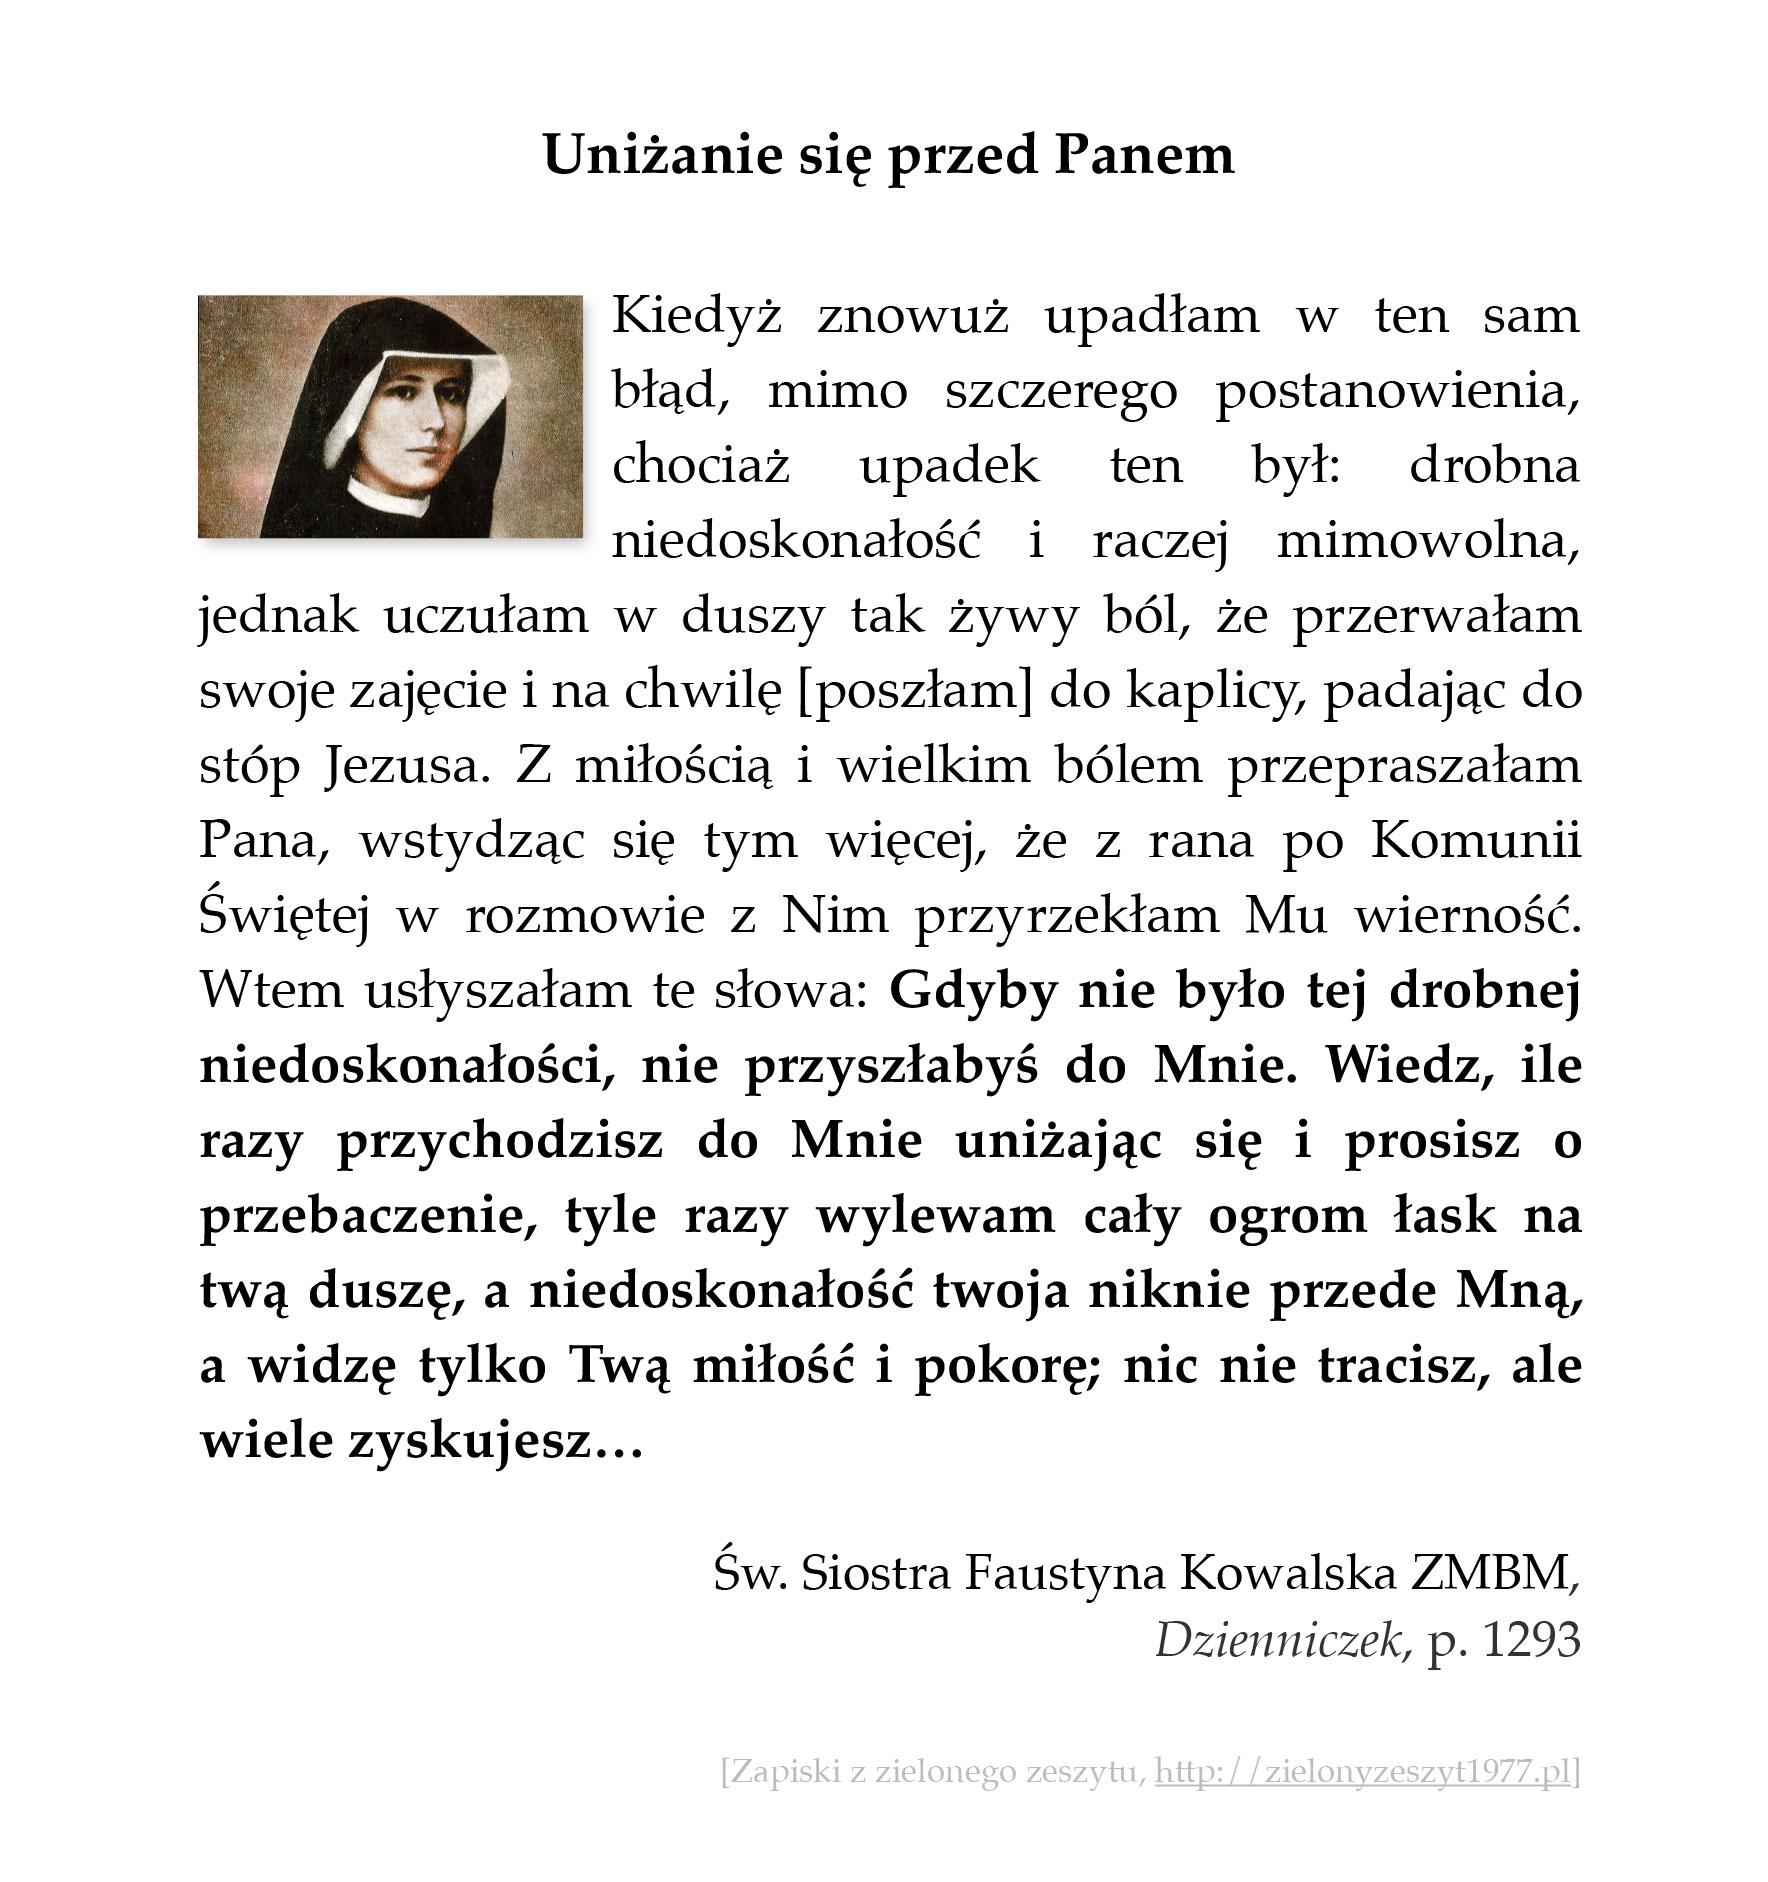 Uniżanie się przed Panem, św. Faustyna Kowalska